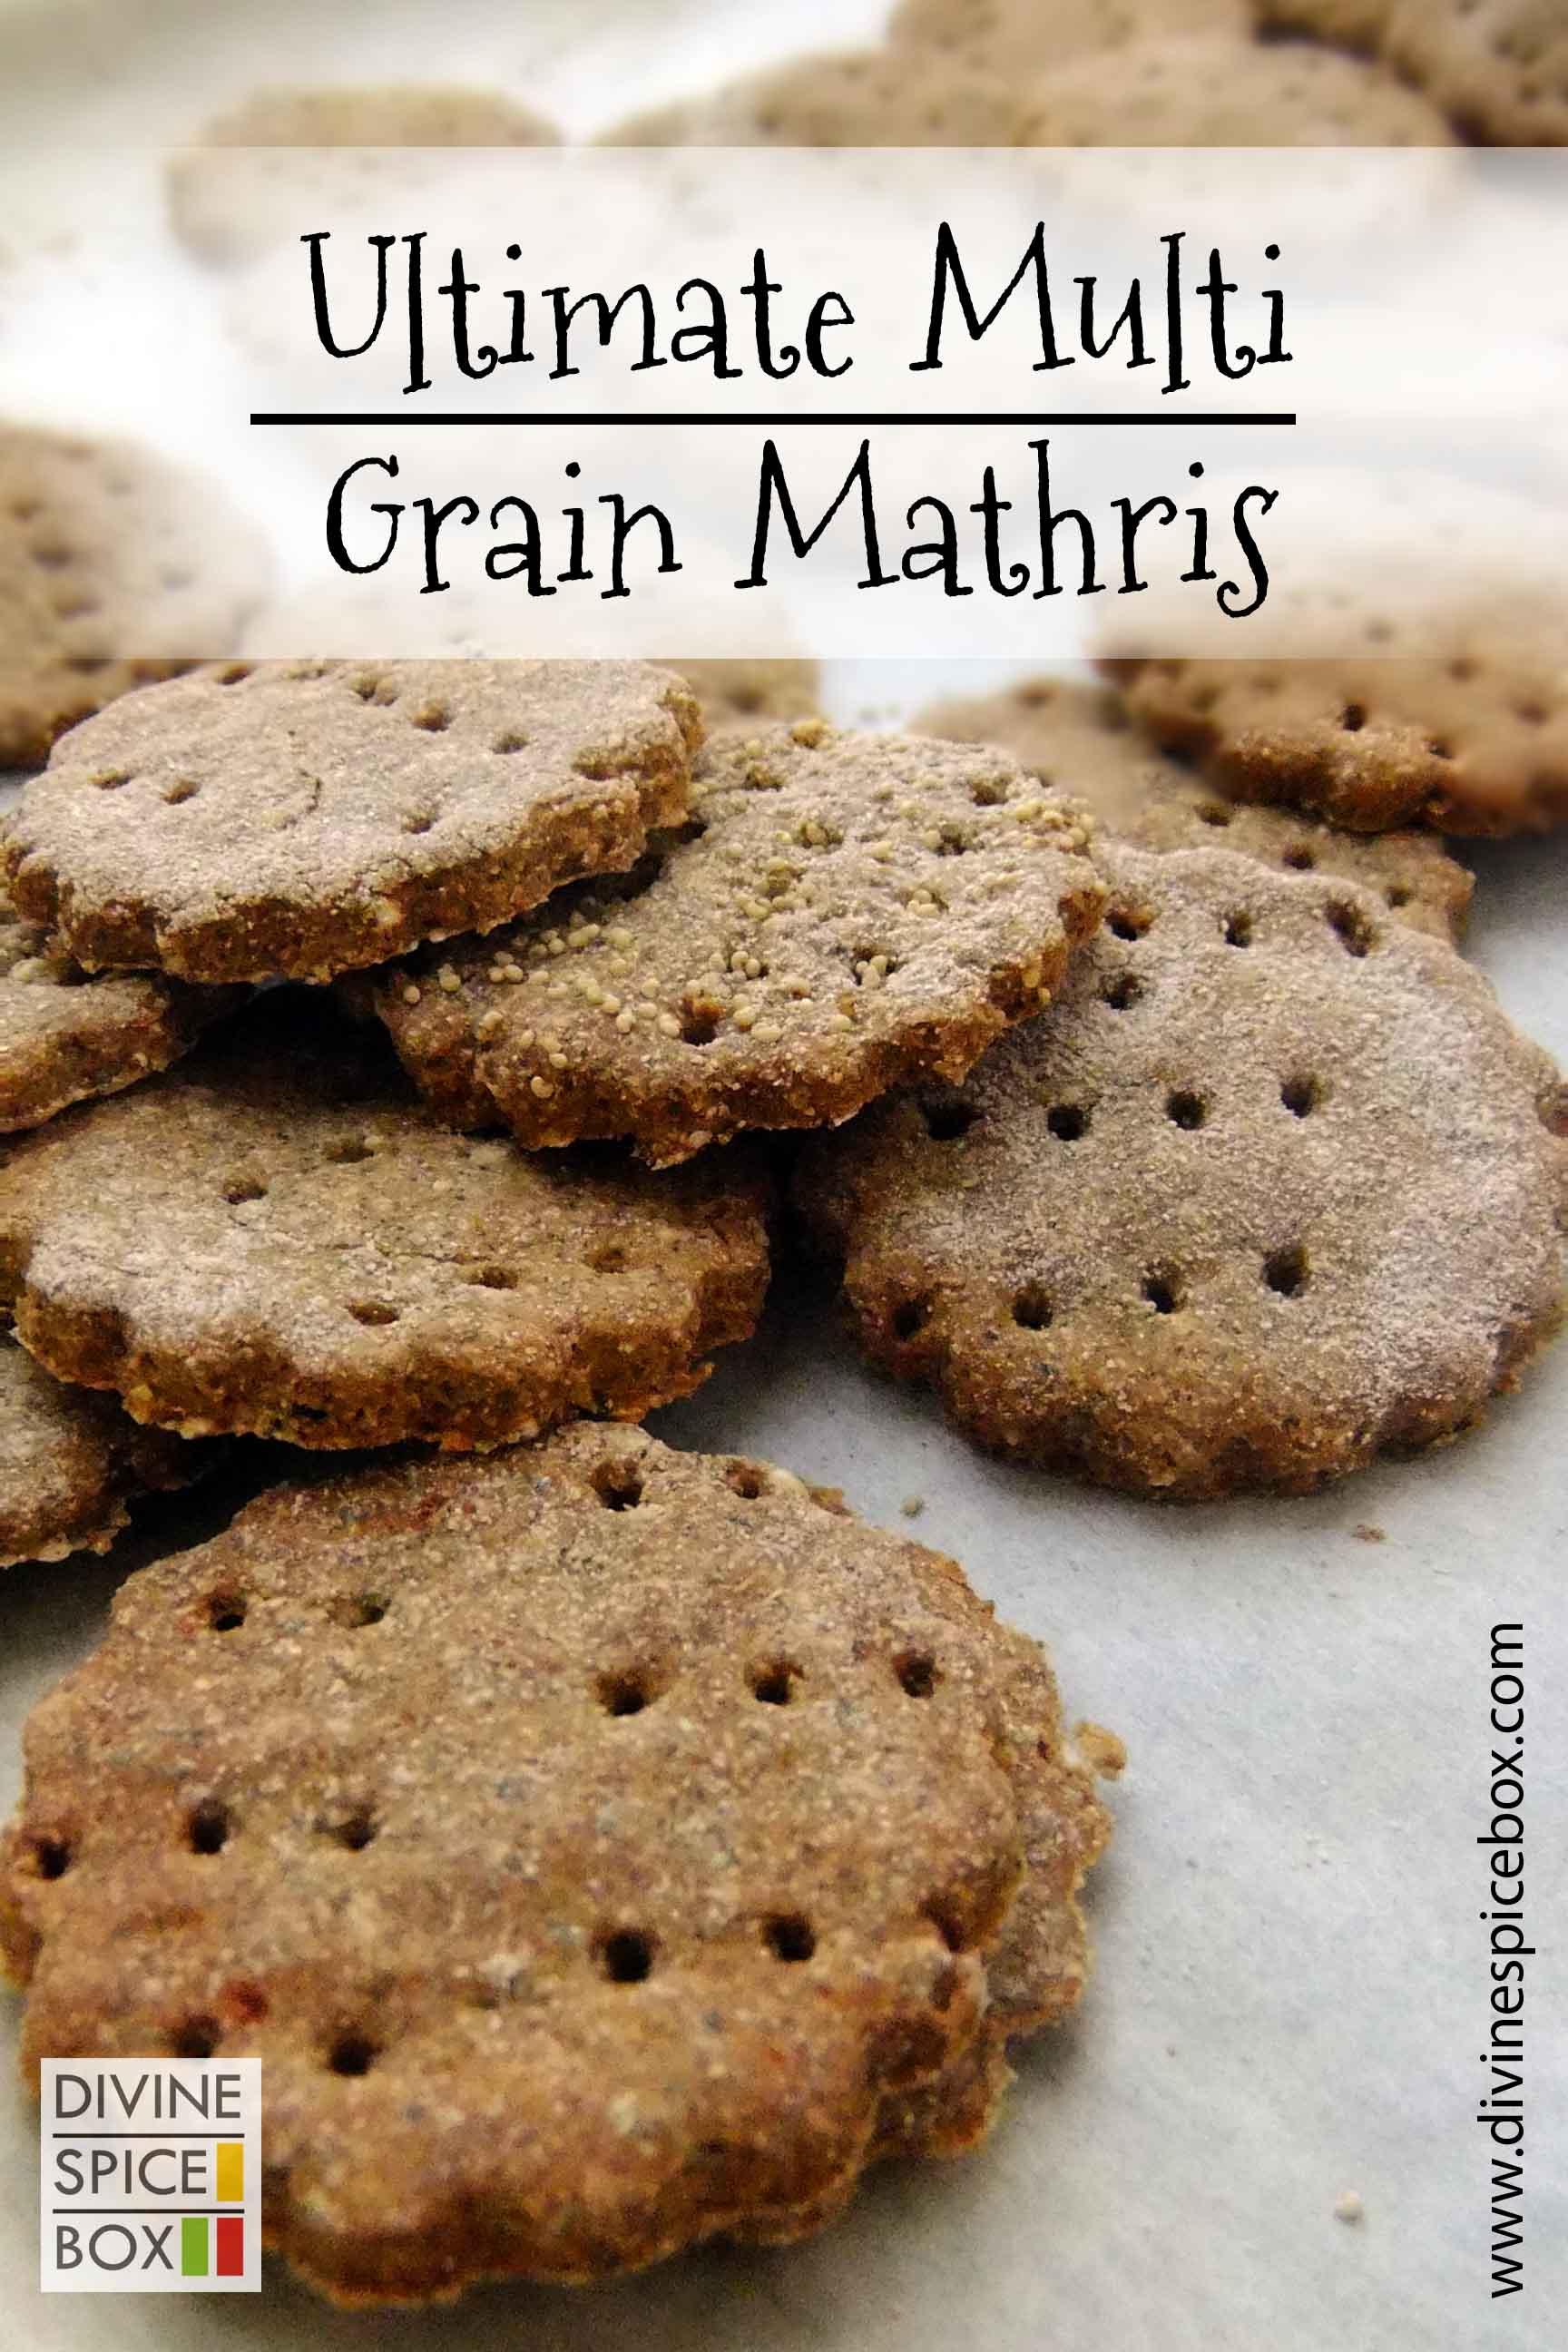 ultimate mutli grain Mathris copy